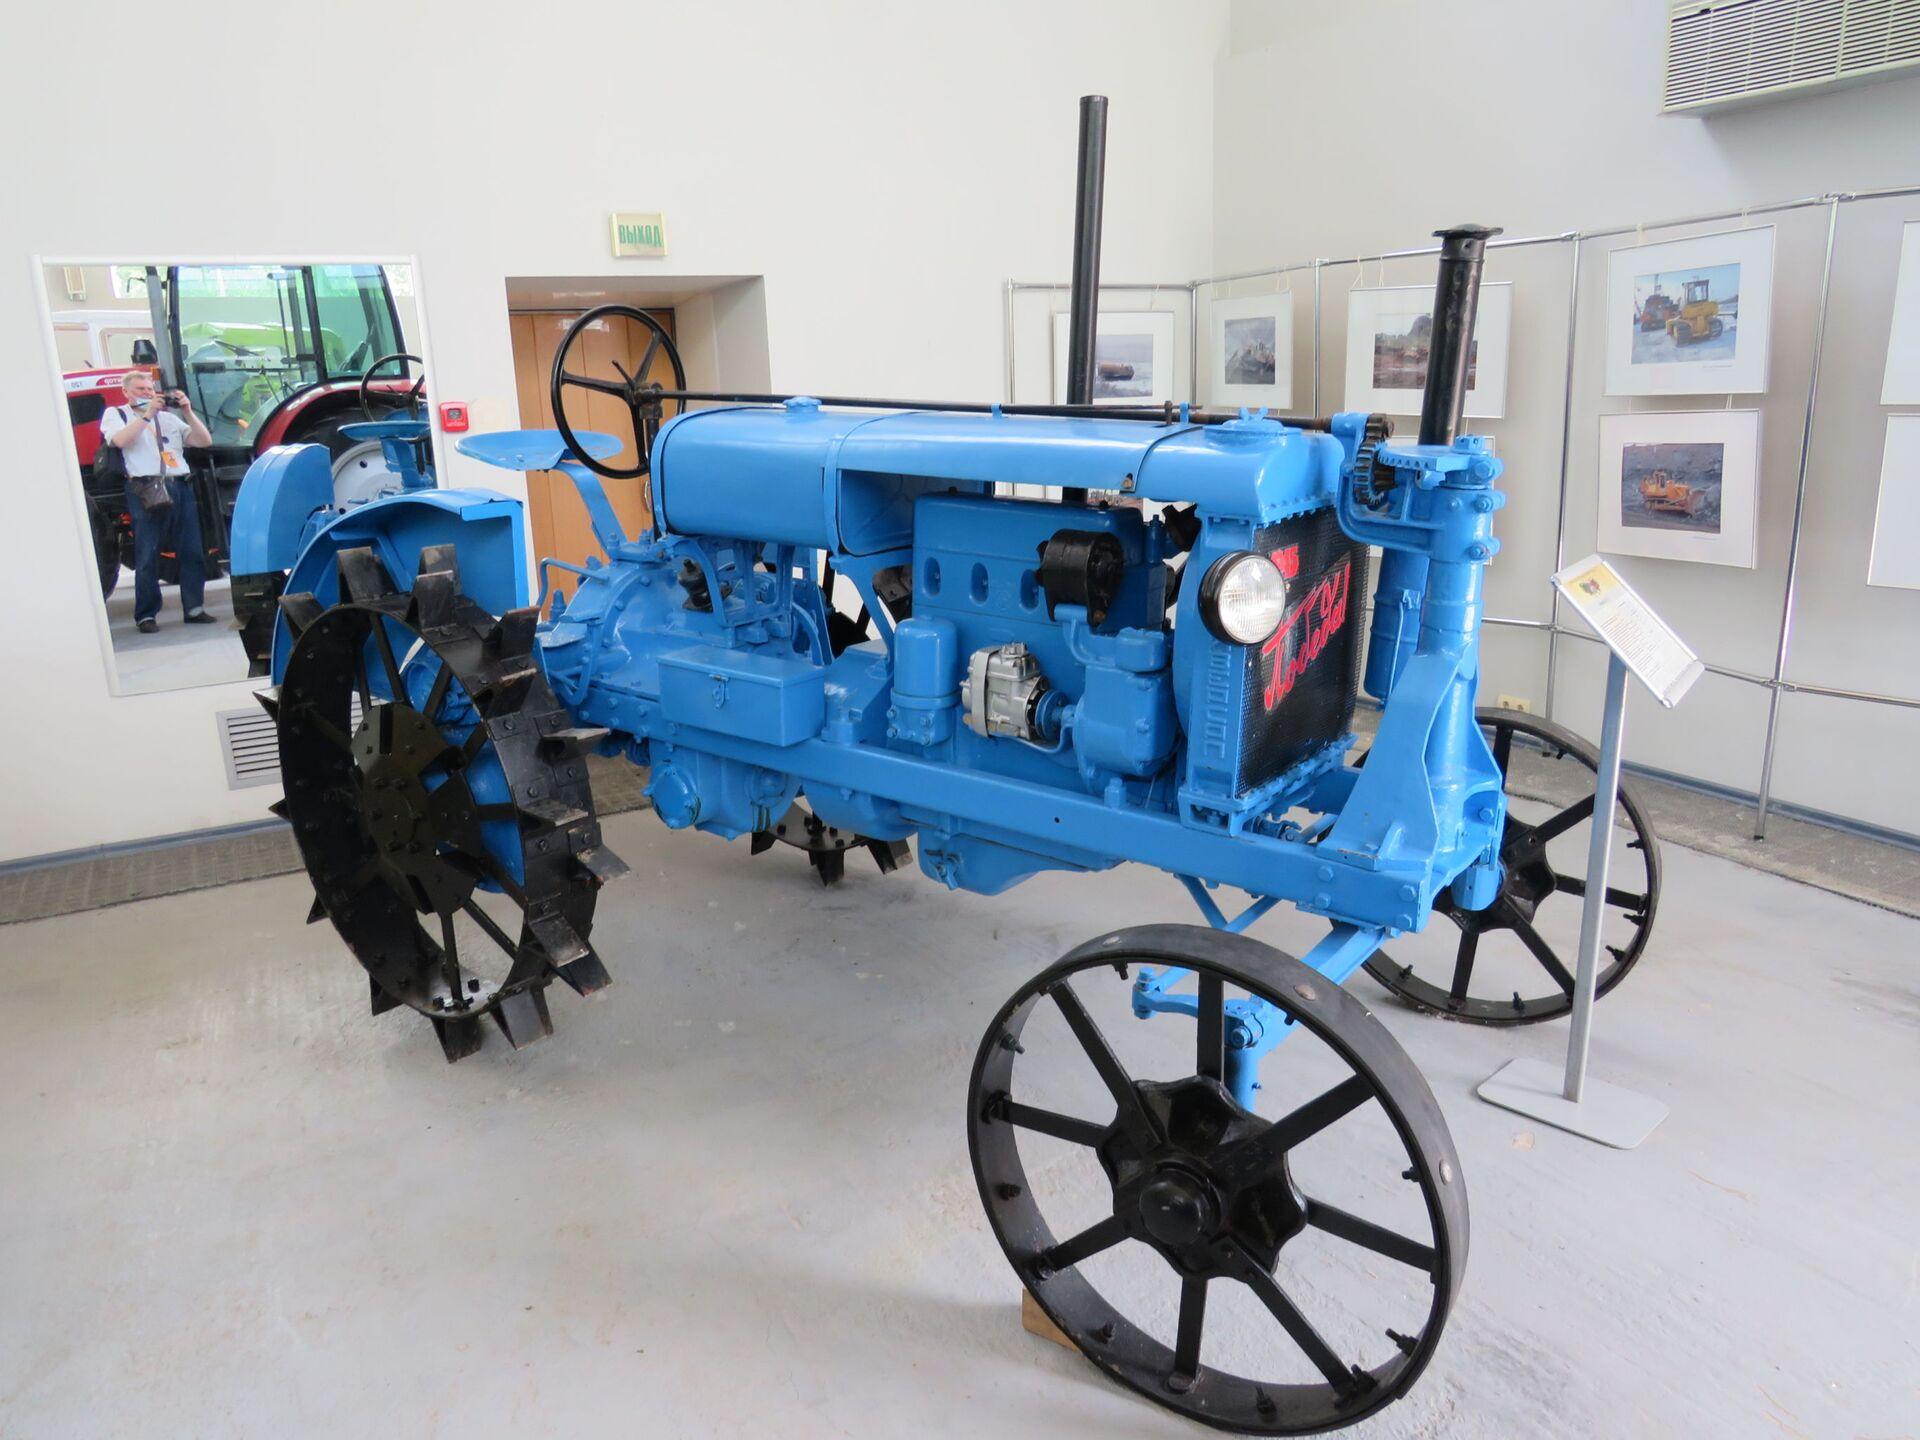 Bảo tàng Lịch sử Máy kéo: từ xe đẩy hàng tự chuyển động đến máy ủi sao Hỏa - Sputnik Việt Nam, 1920, 18.07.2021